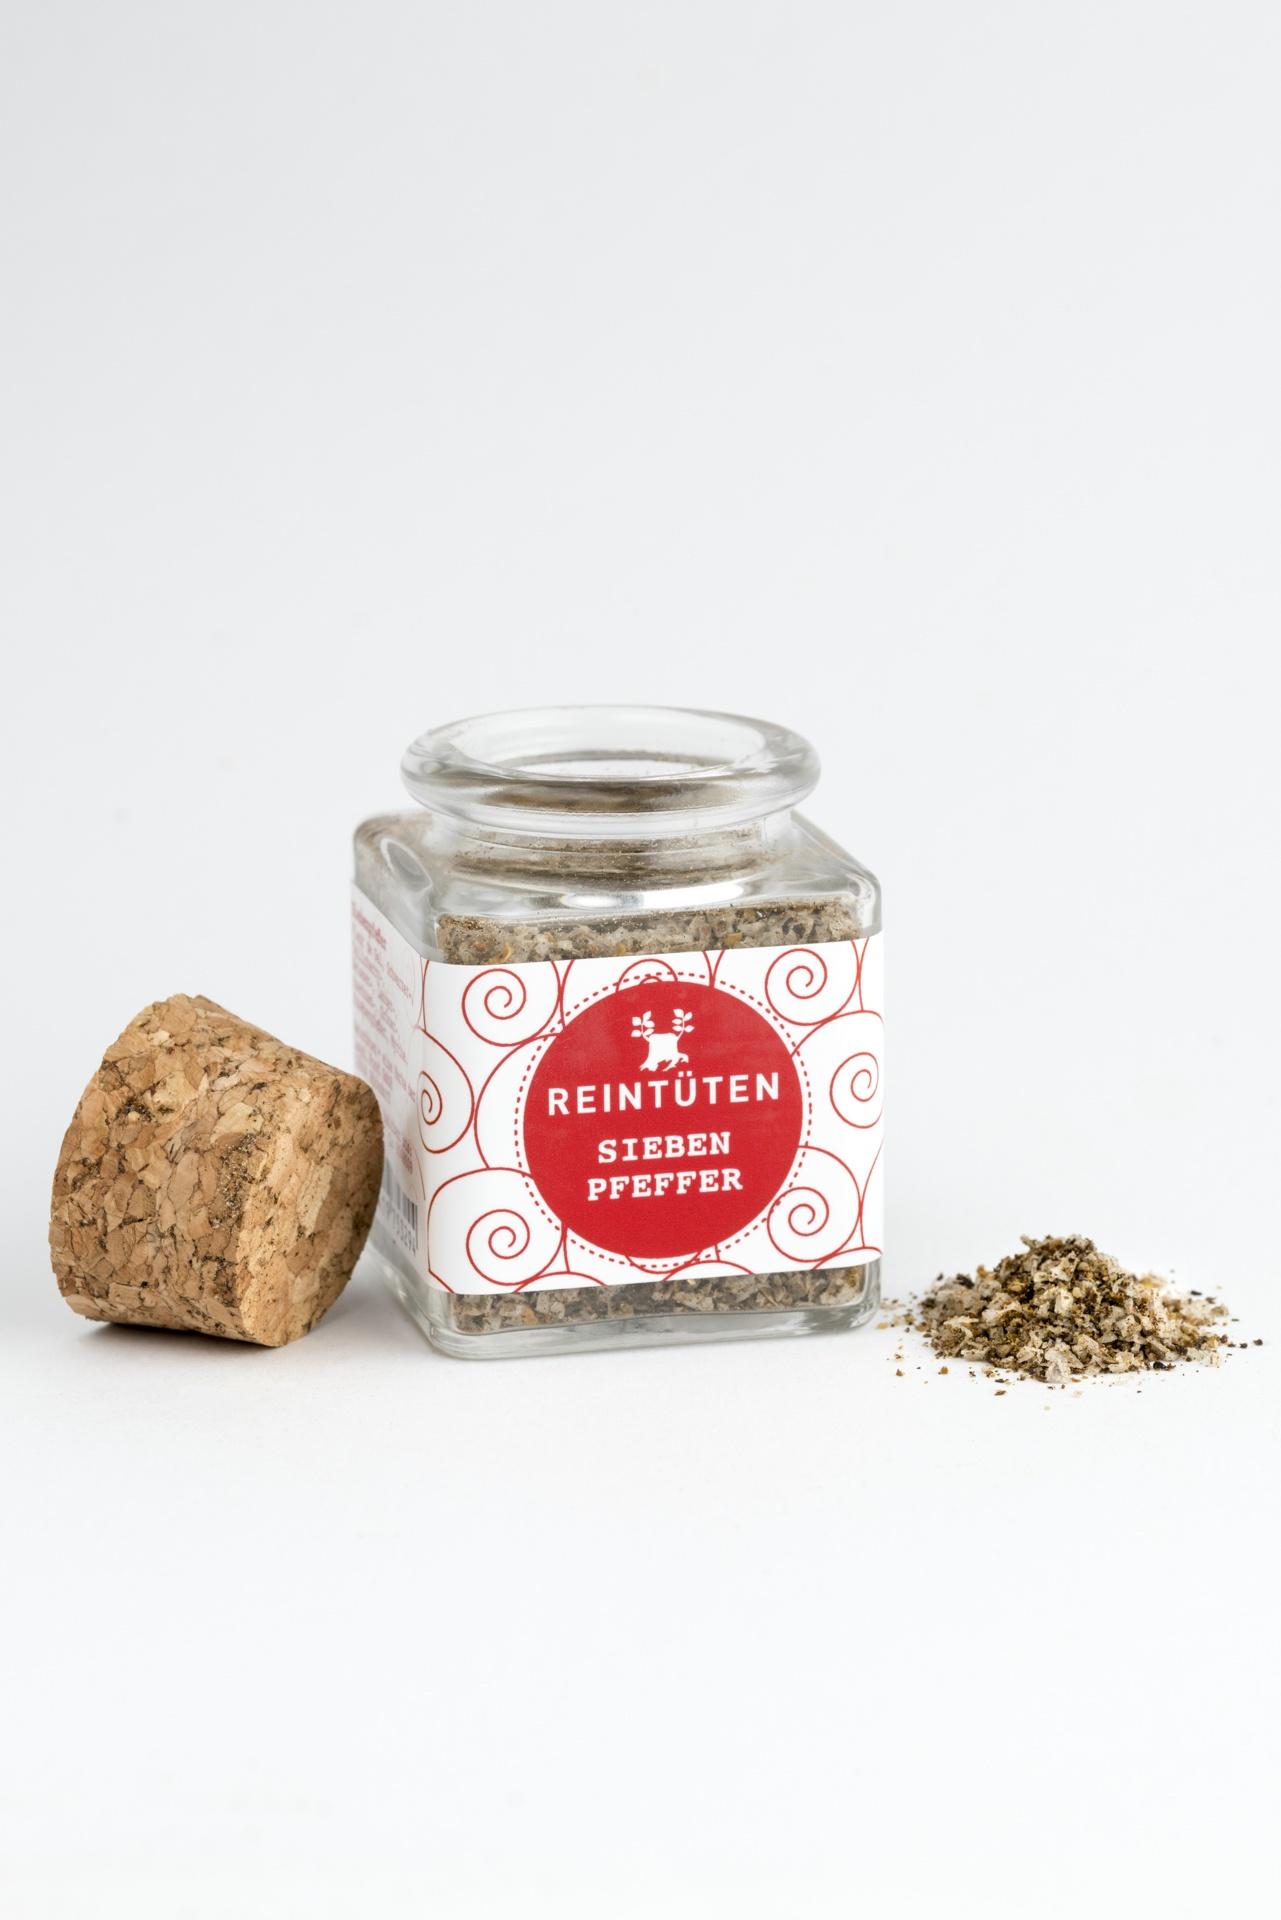 Siebenpfeffer - Pfeffermischung im Gewürzglas